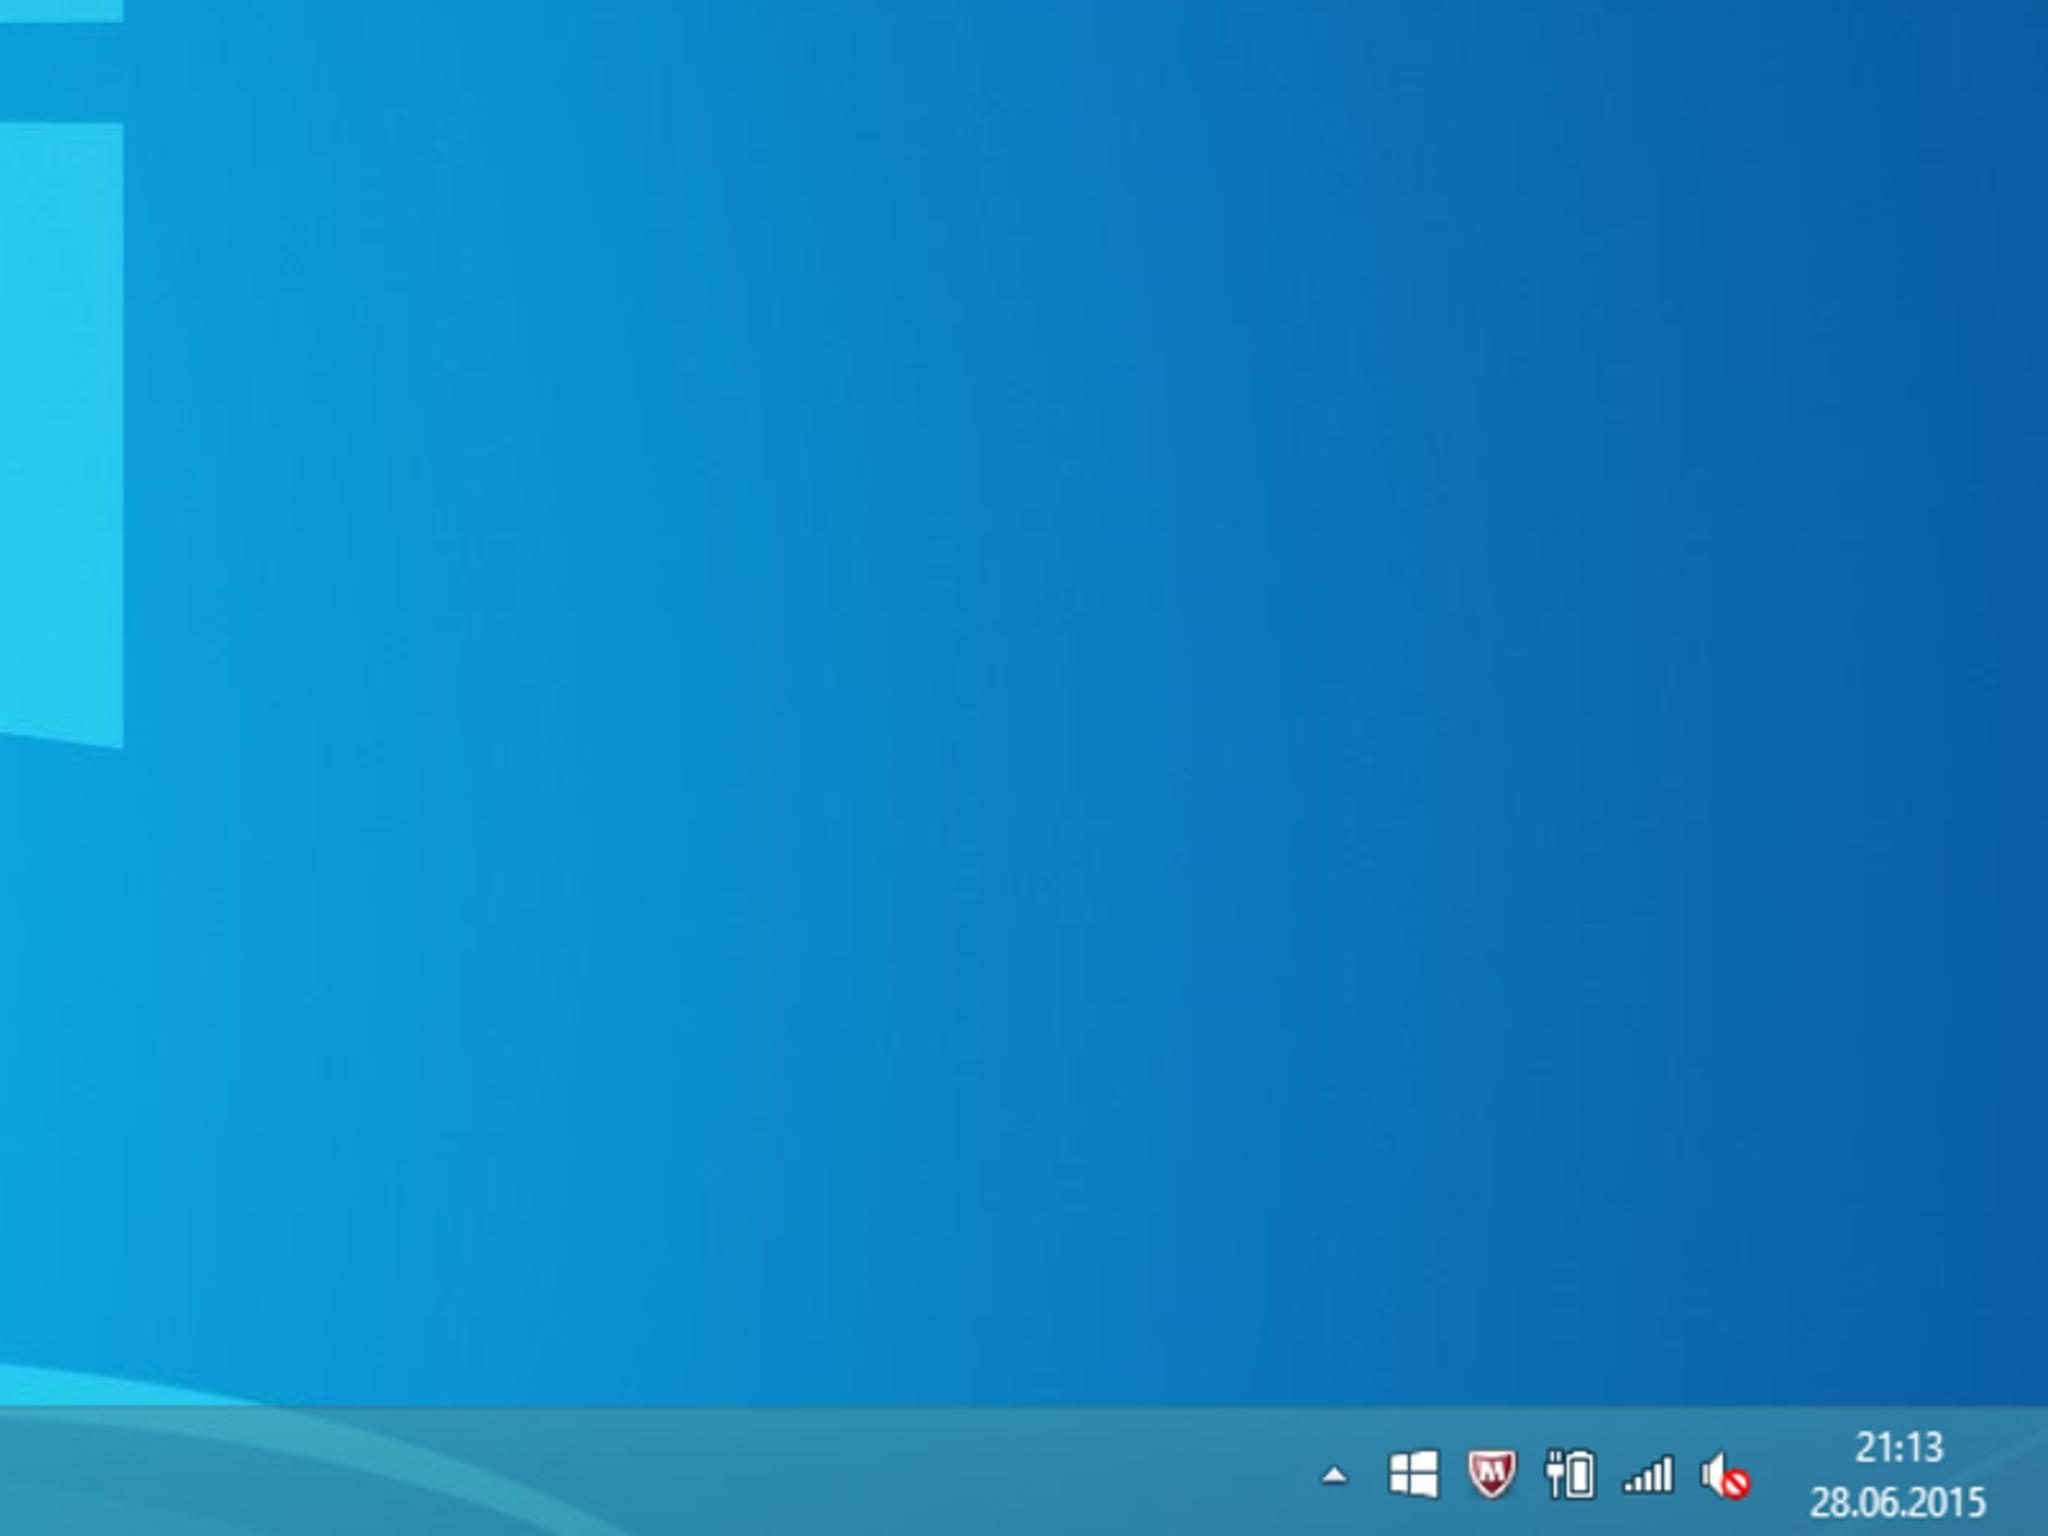 WindowsUpdate01